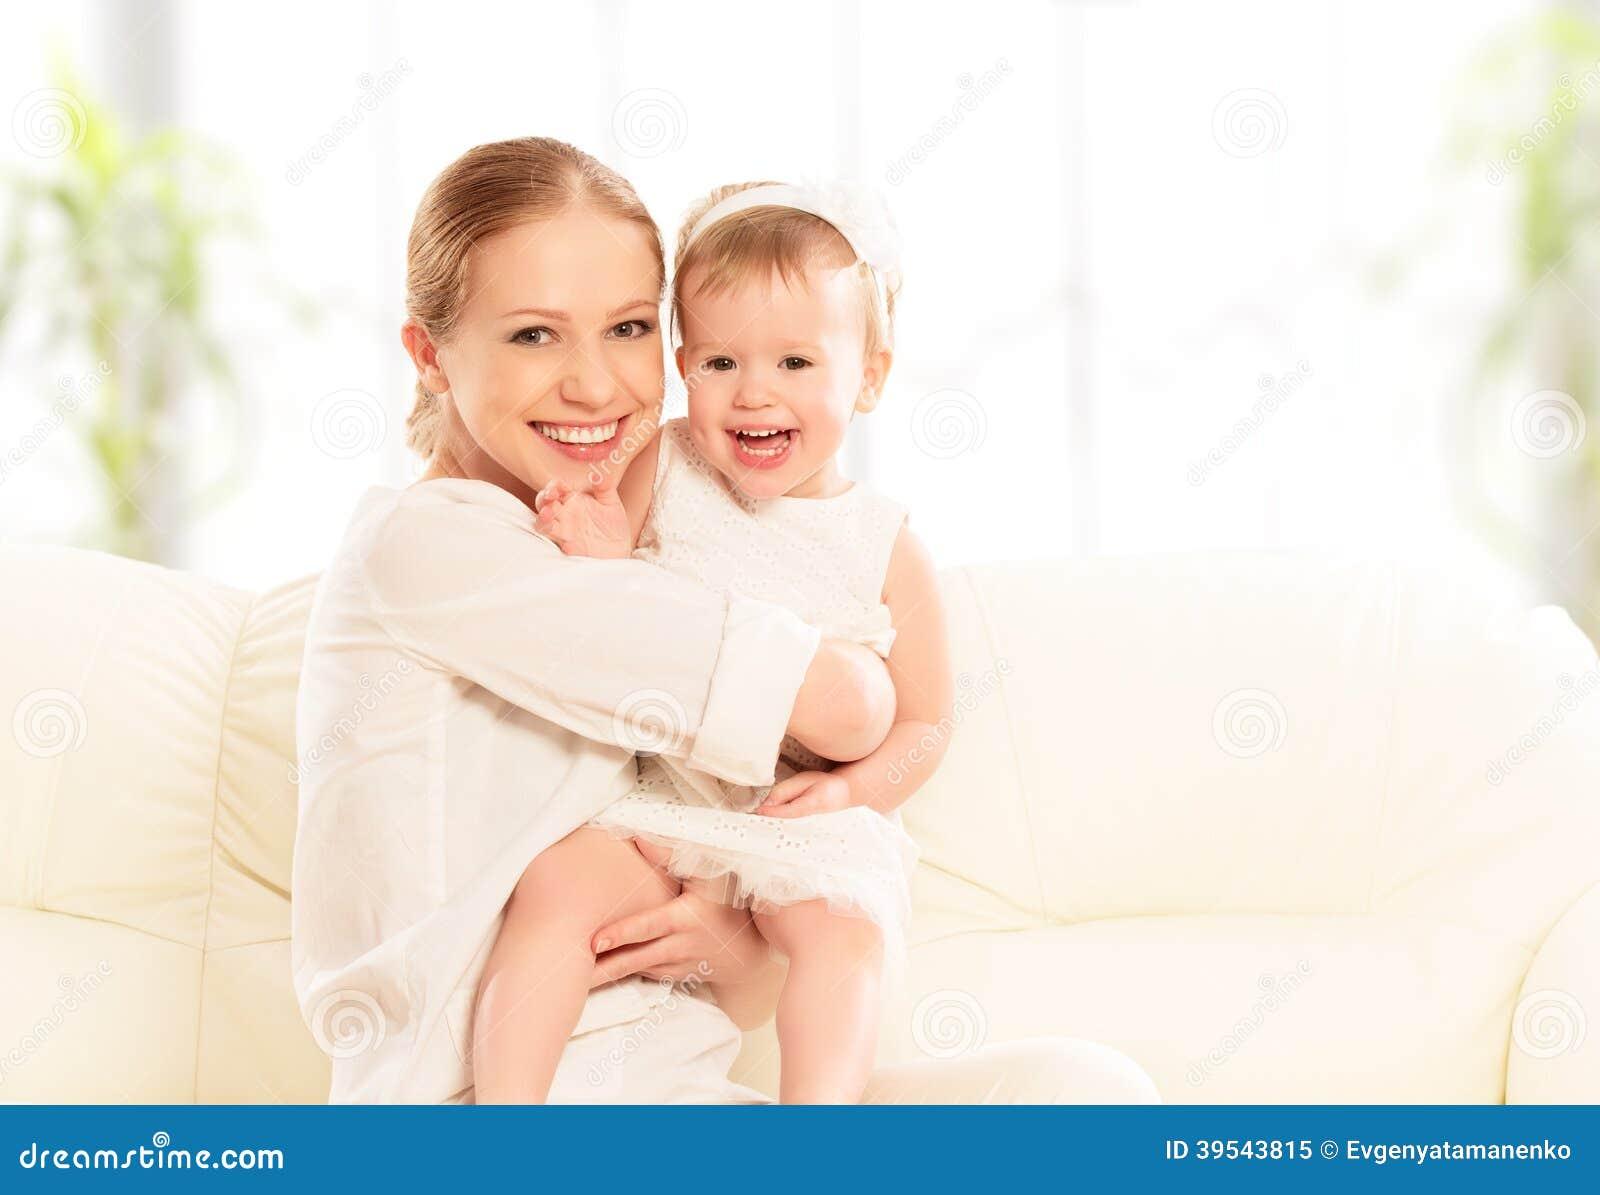 Ευτυχής οικογένεια. Παιχνίδια κορών μητέρων και μωρών, αγκάλιασμα, φίλημα